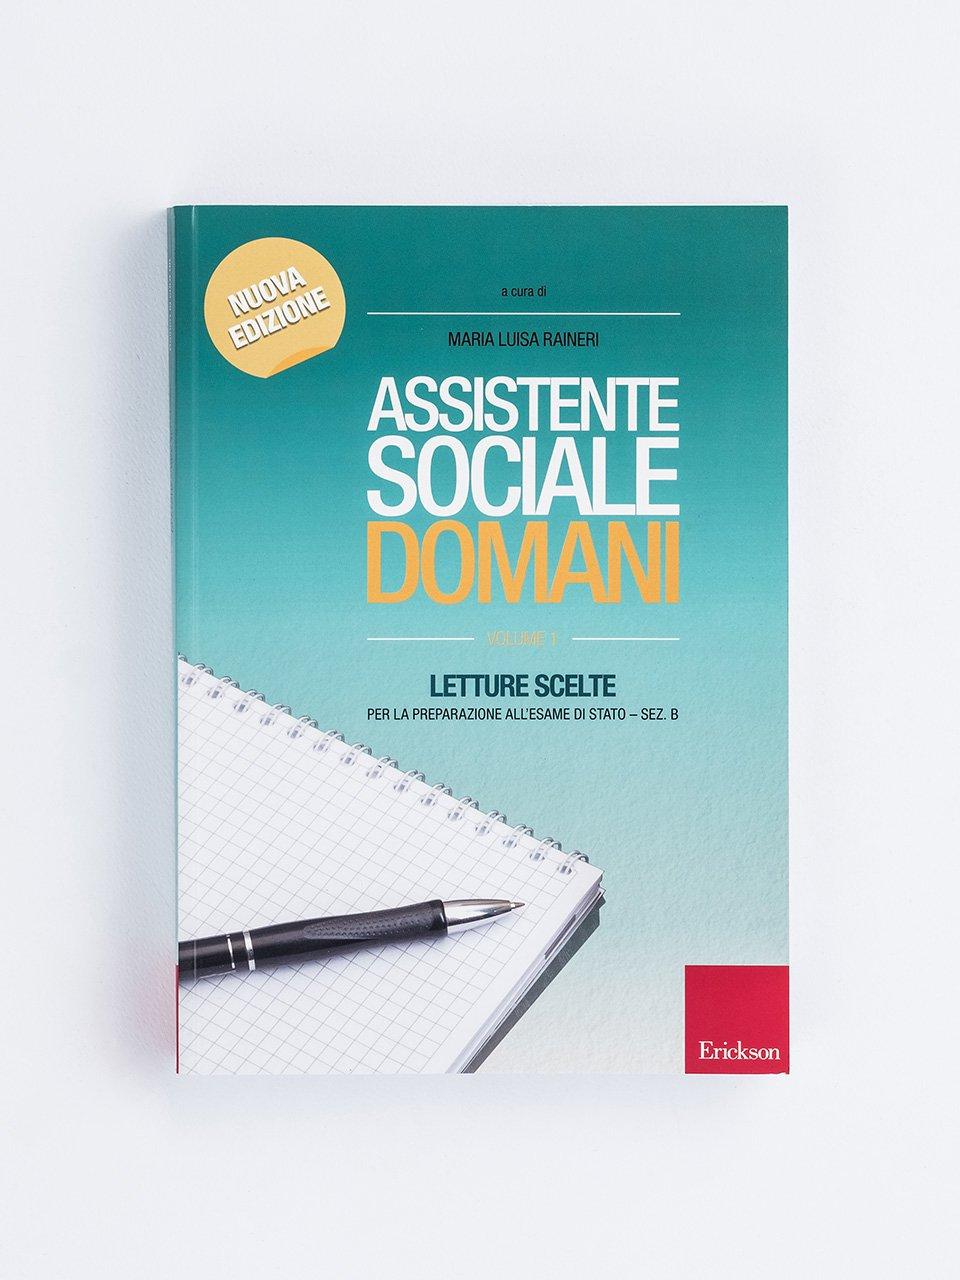 Assistente sociale domani - Volume 1 - Sostenere mamme fragili - Erickson